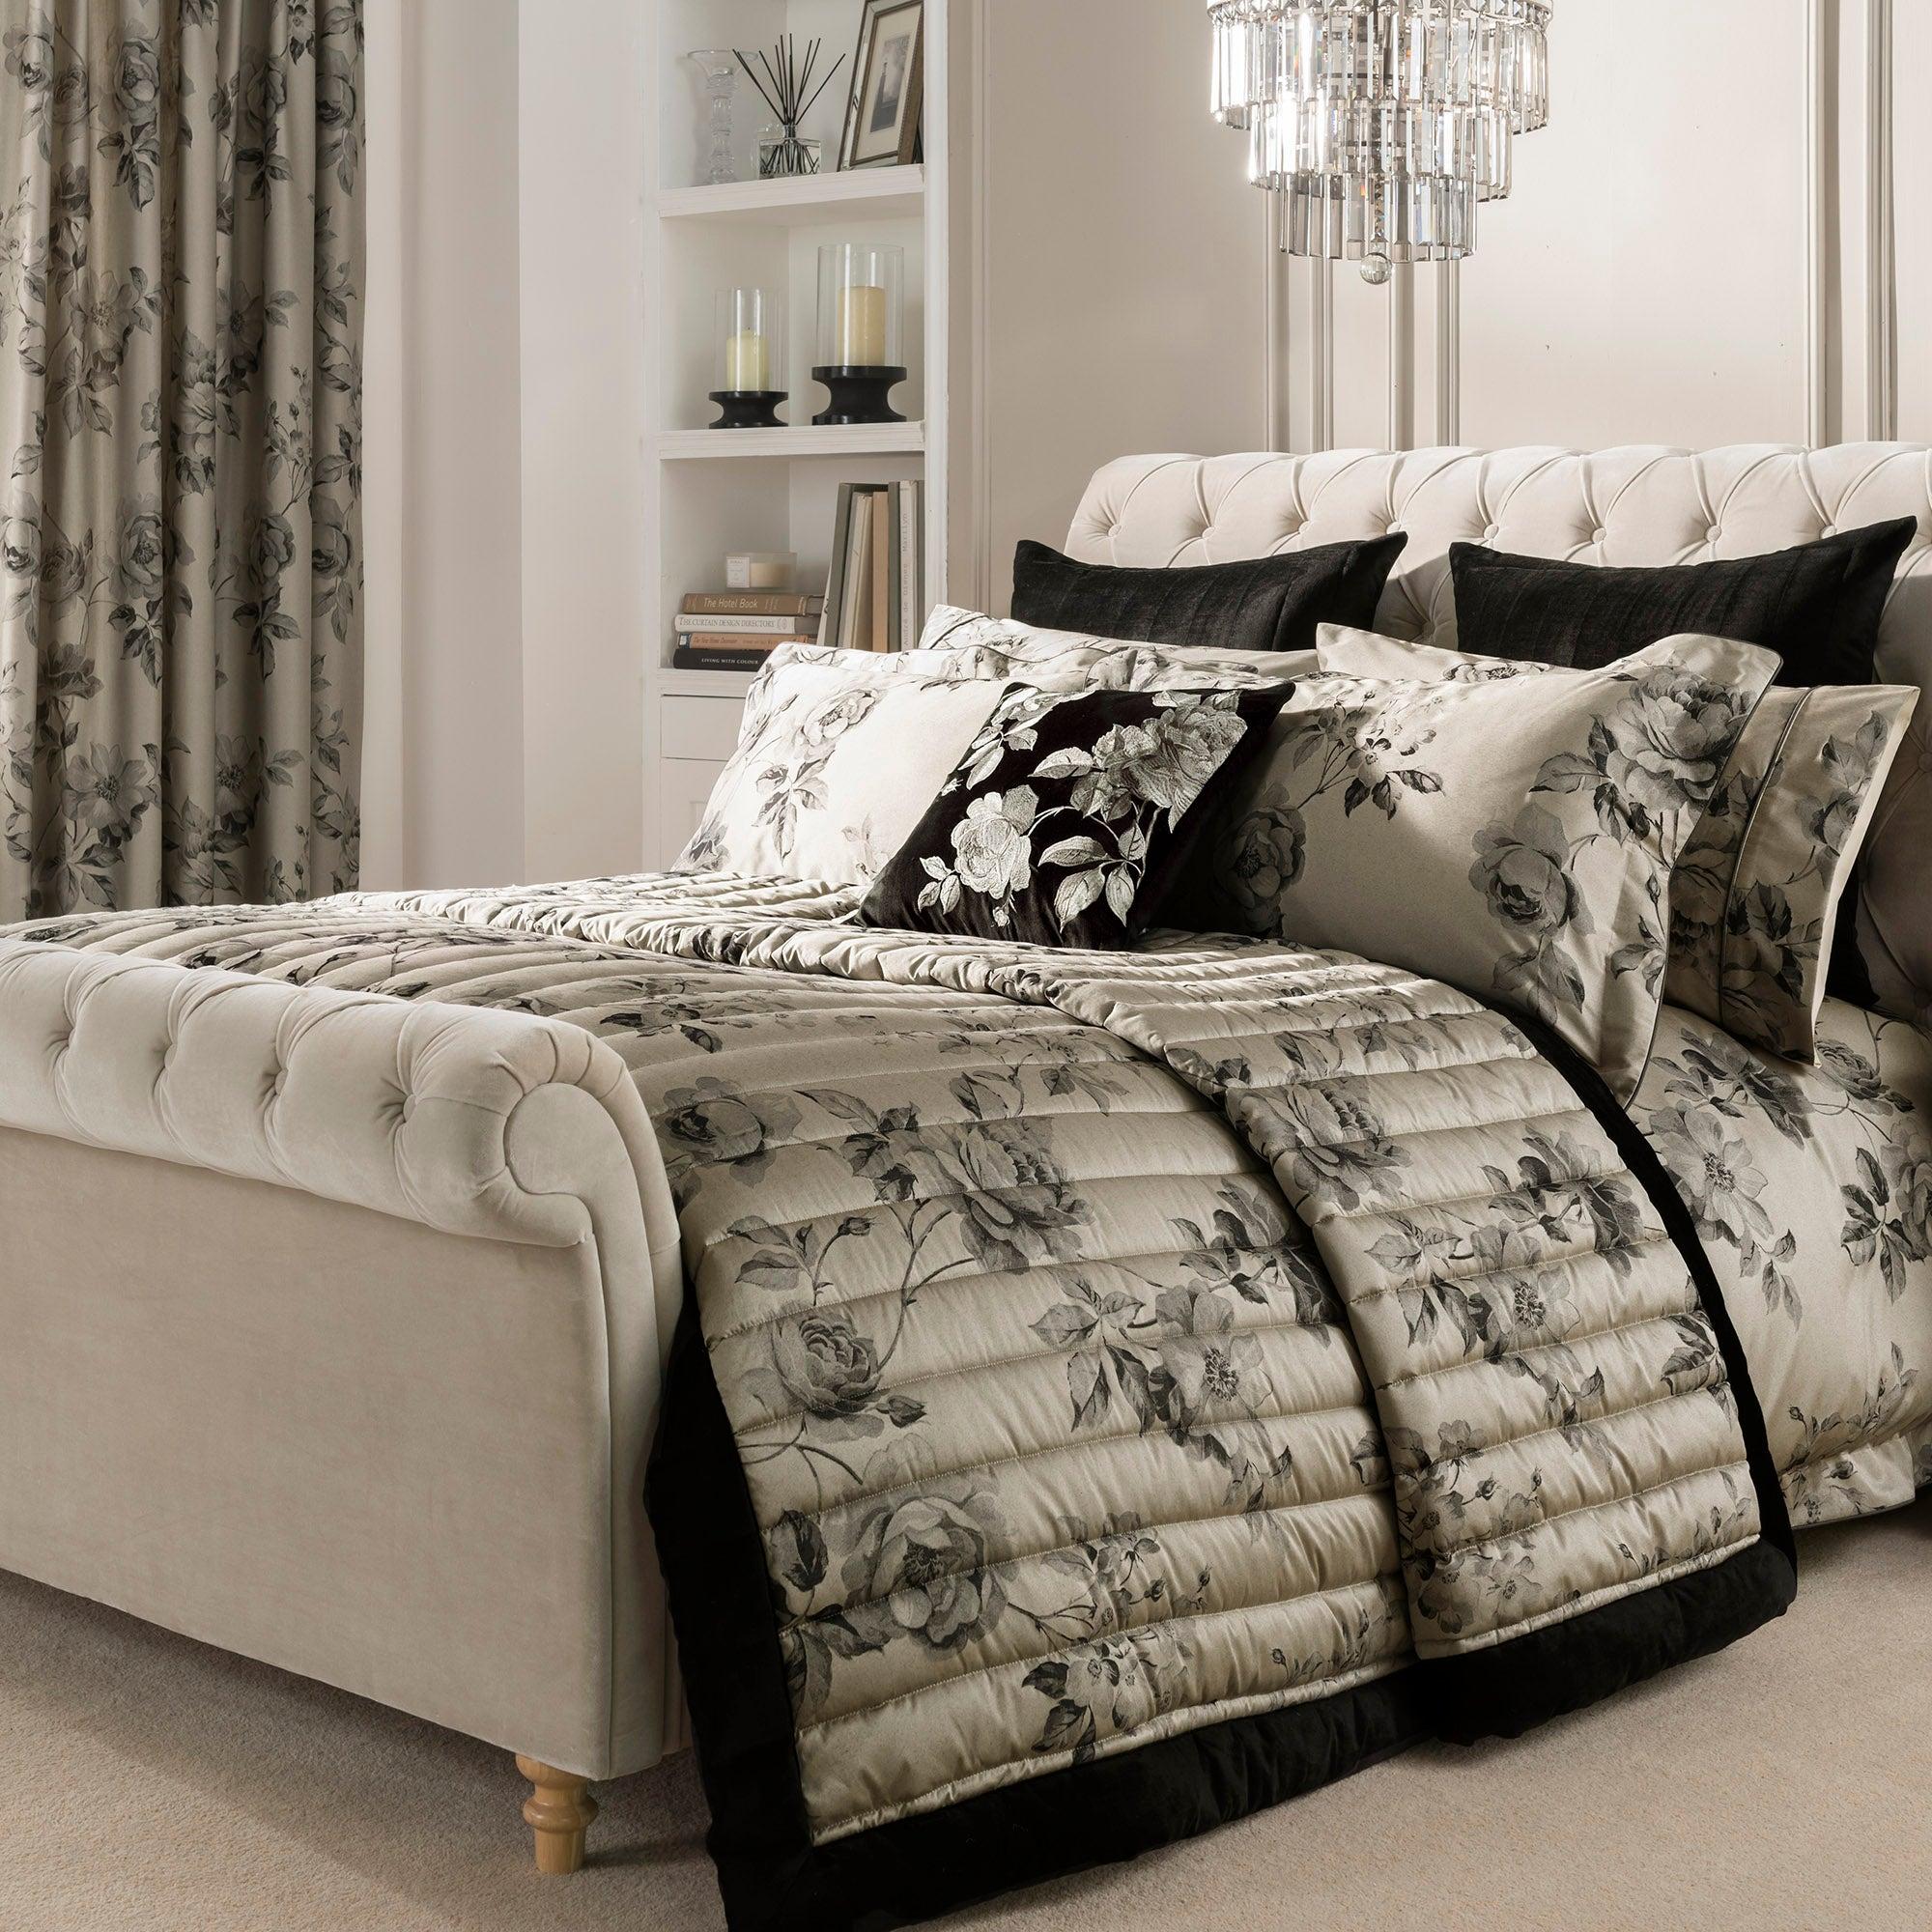 Dorma Harriet Charcoal Bed Linen Collection Dunelm